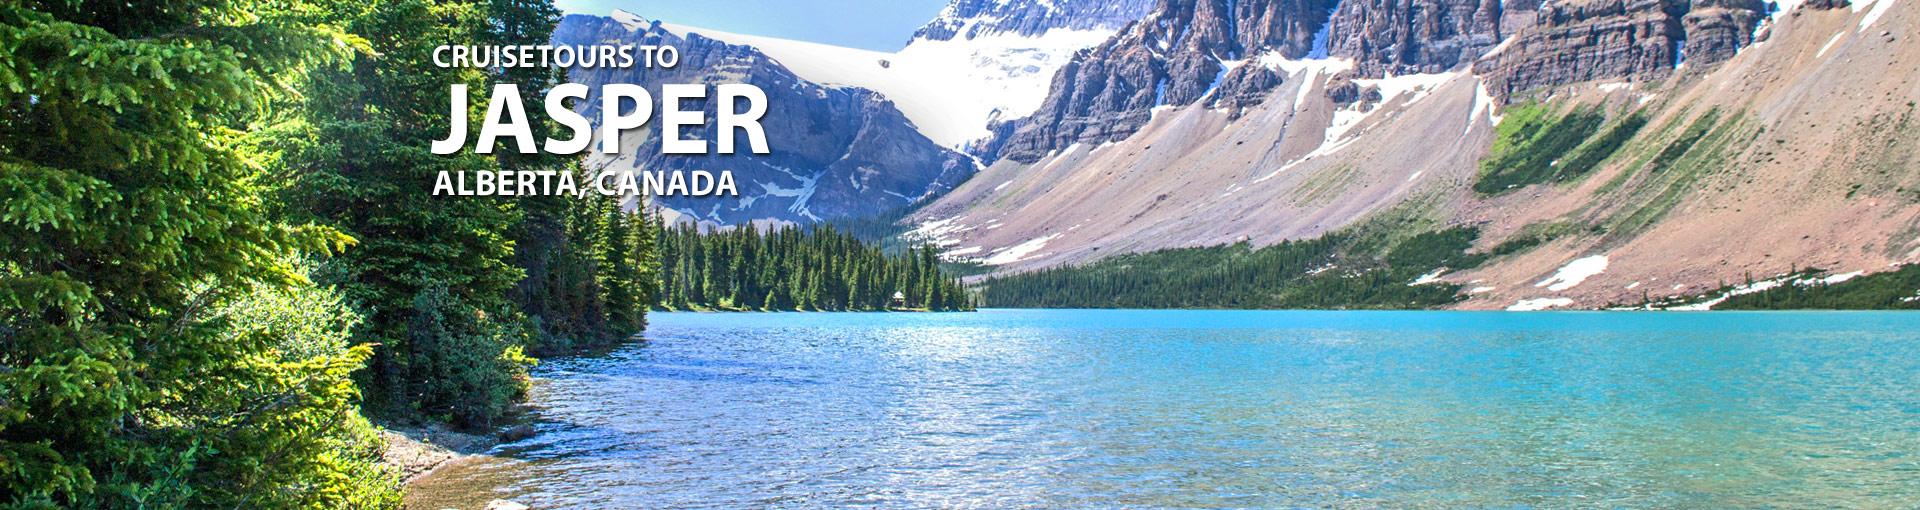 Cruisetours to Jasper, Alberta